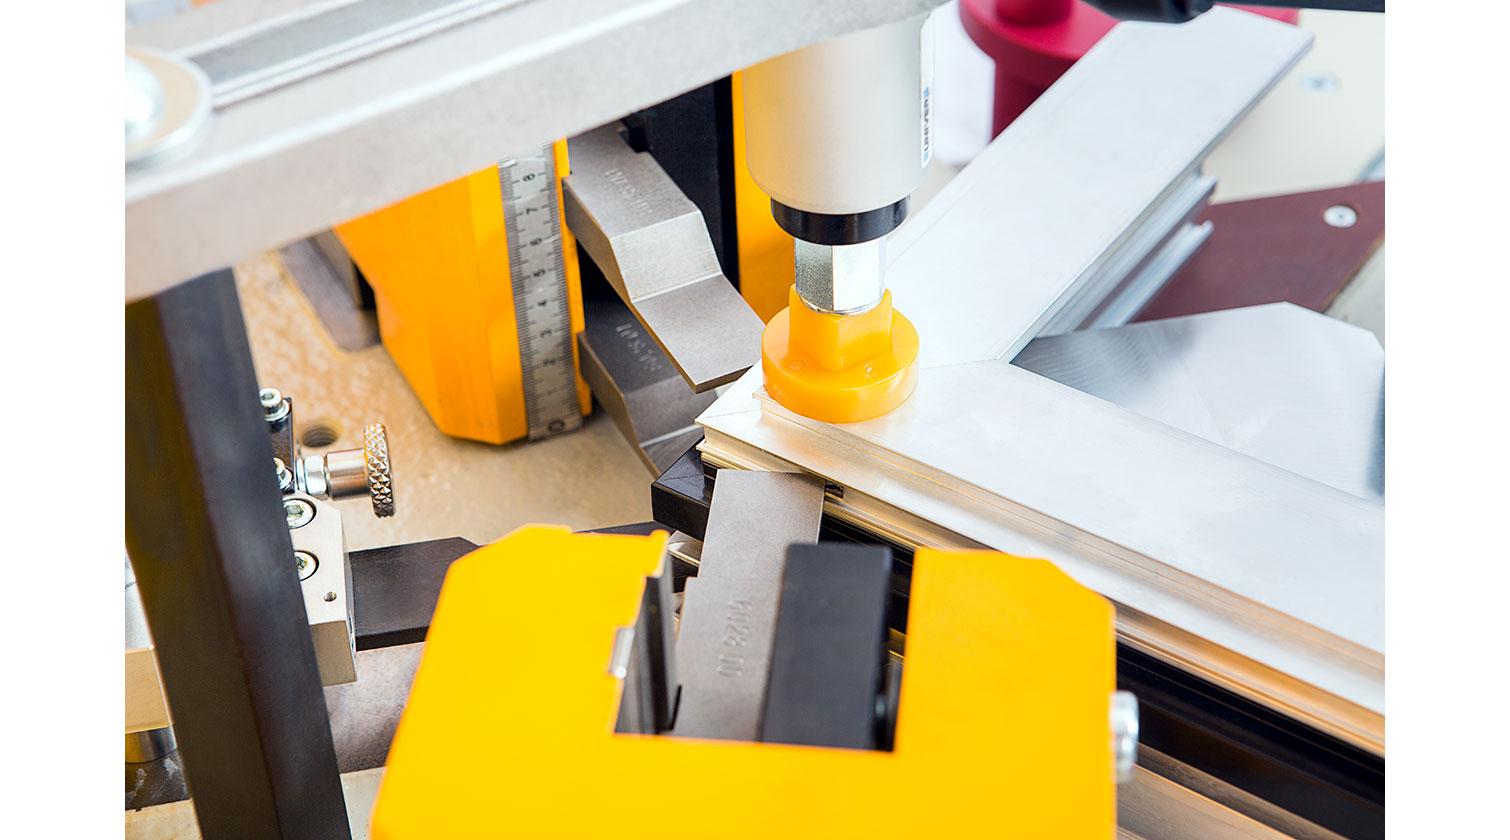 INT aluminum corner crimper Yilmaz KP 110 crimping process